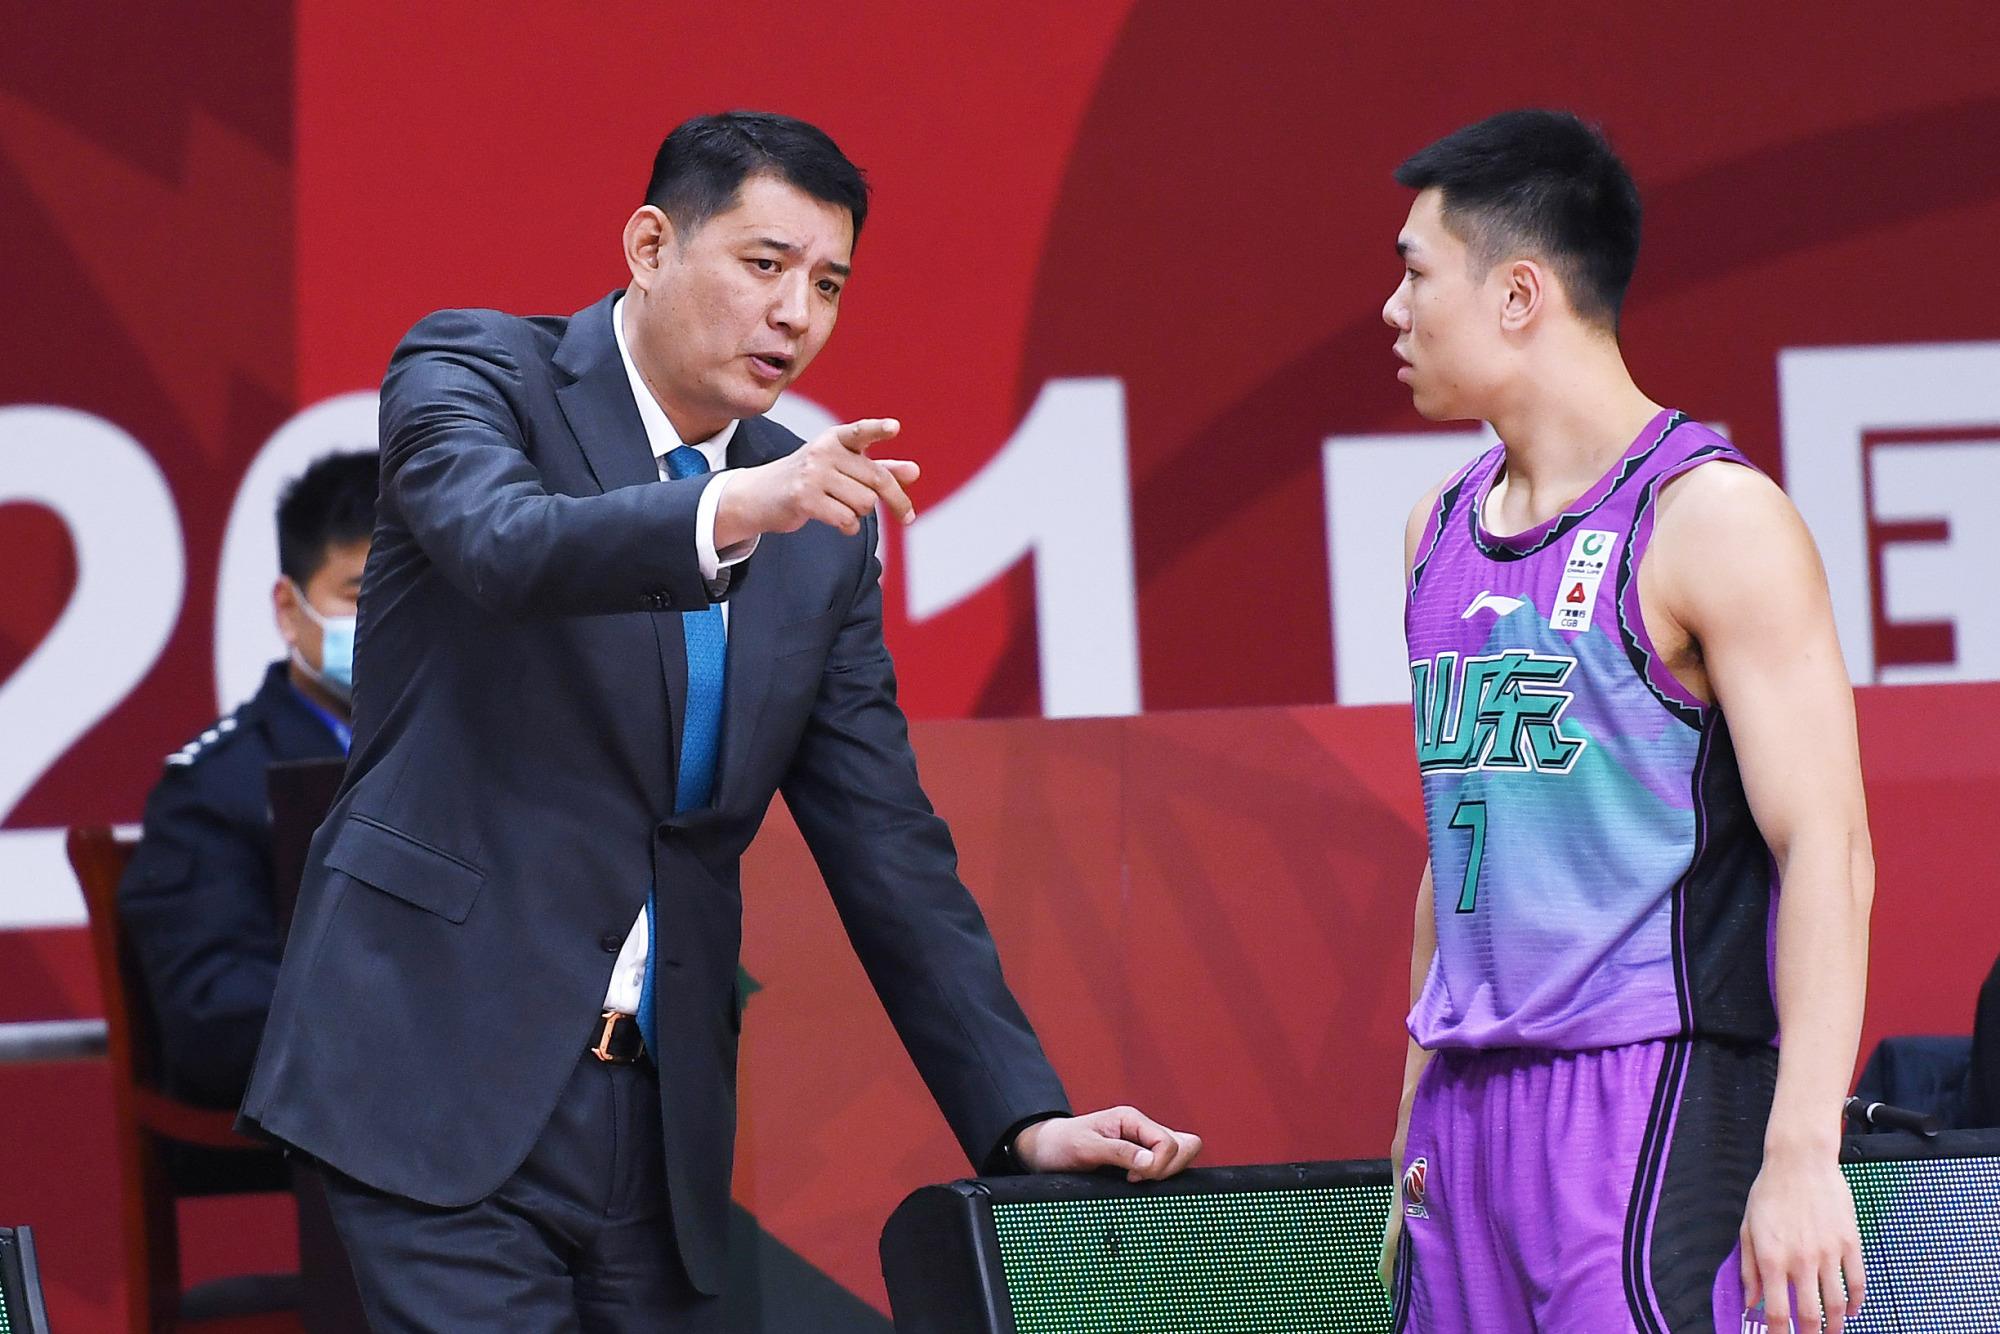 山东男篮的输球方式比较意外,关于刘毅的使用需避开习惯性误区